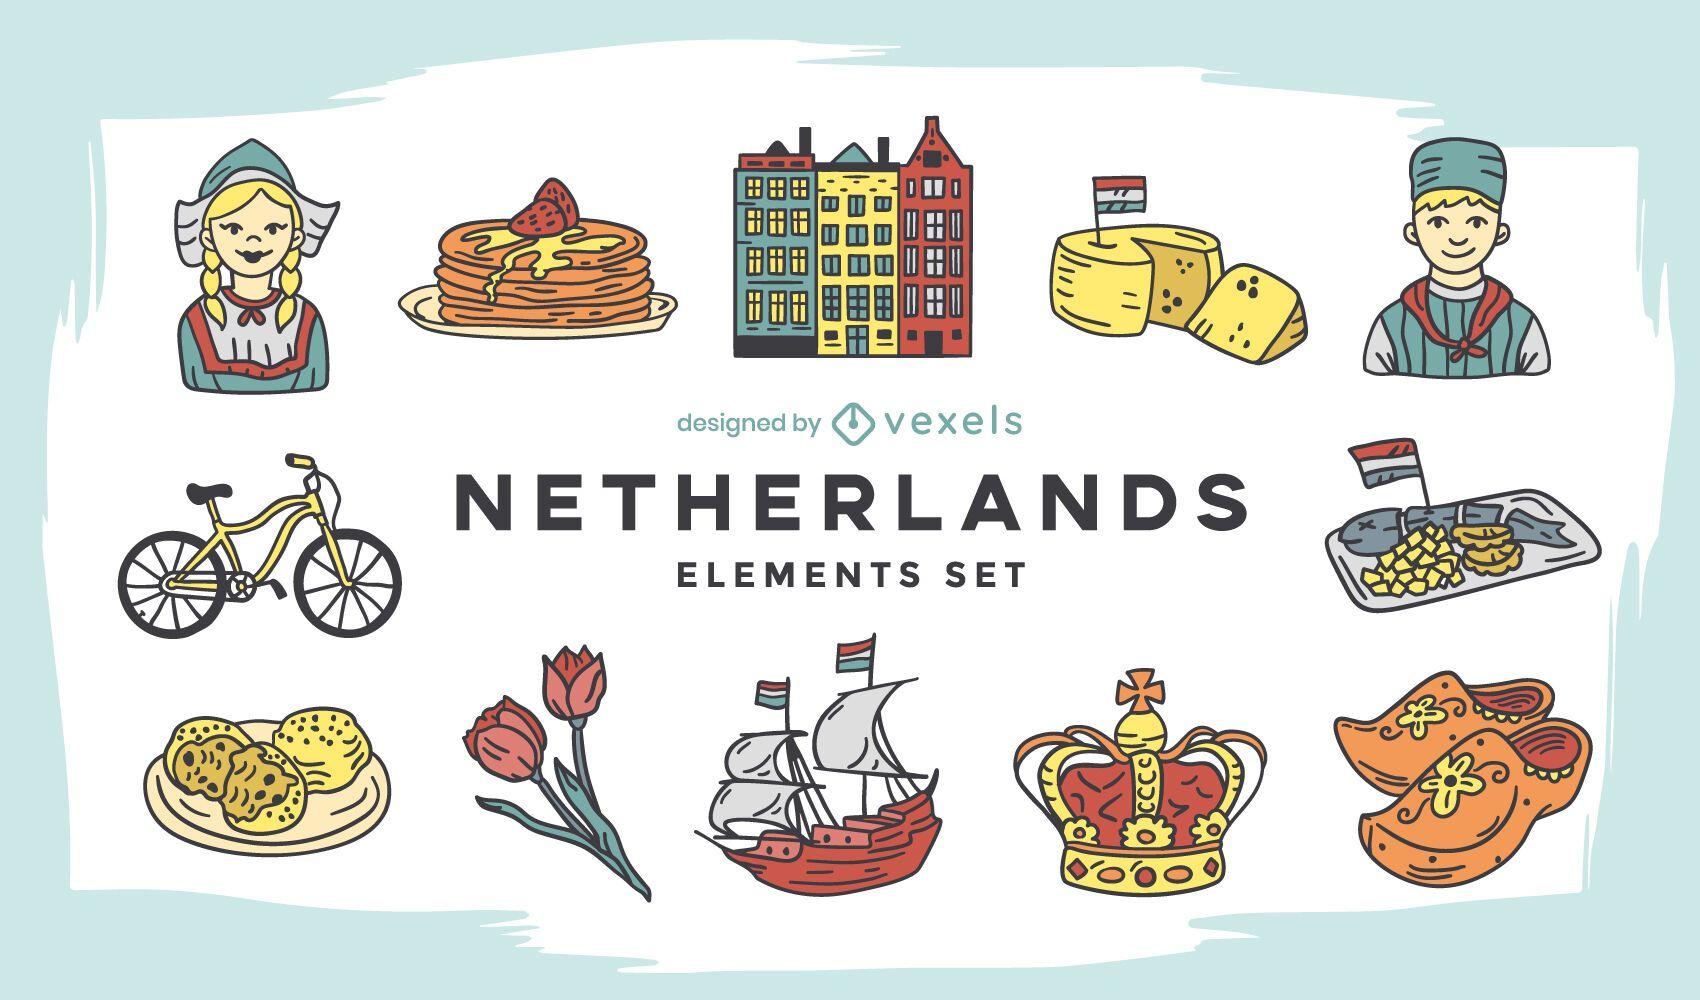 Netherlands elements set